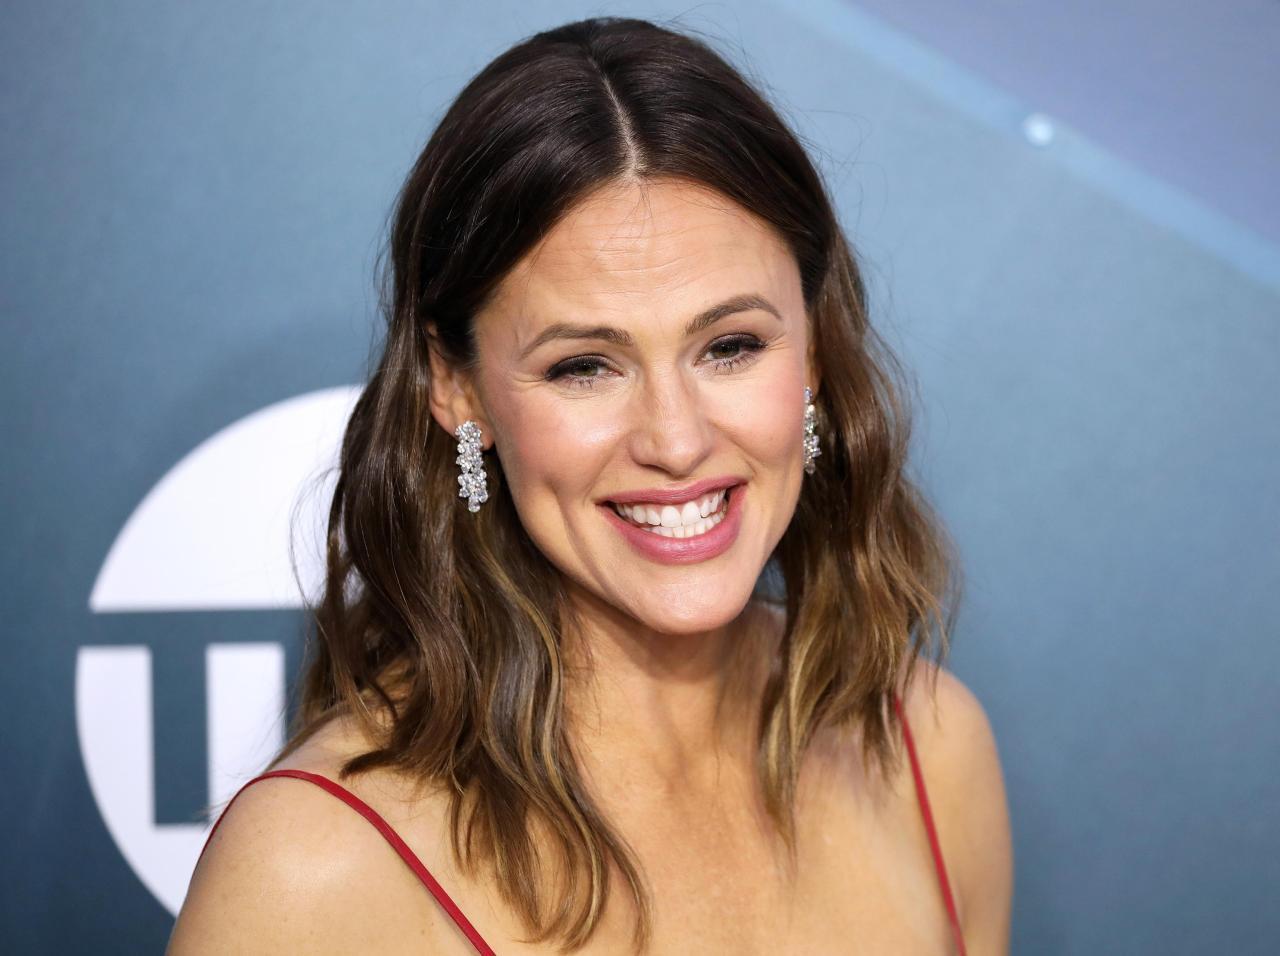 Chi è la donna più bella del 2019 secondo People - Chi vuol essere ...